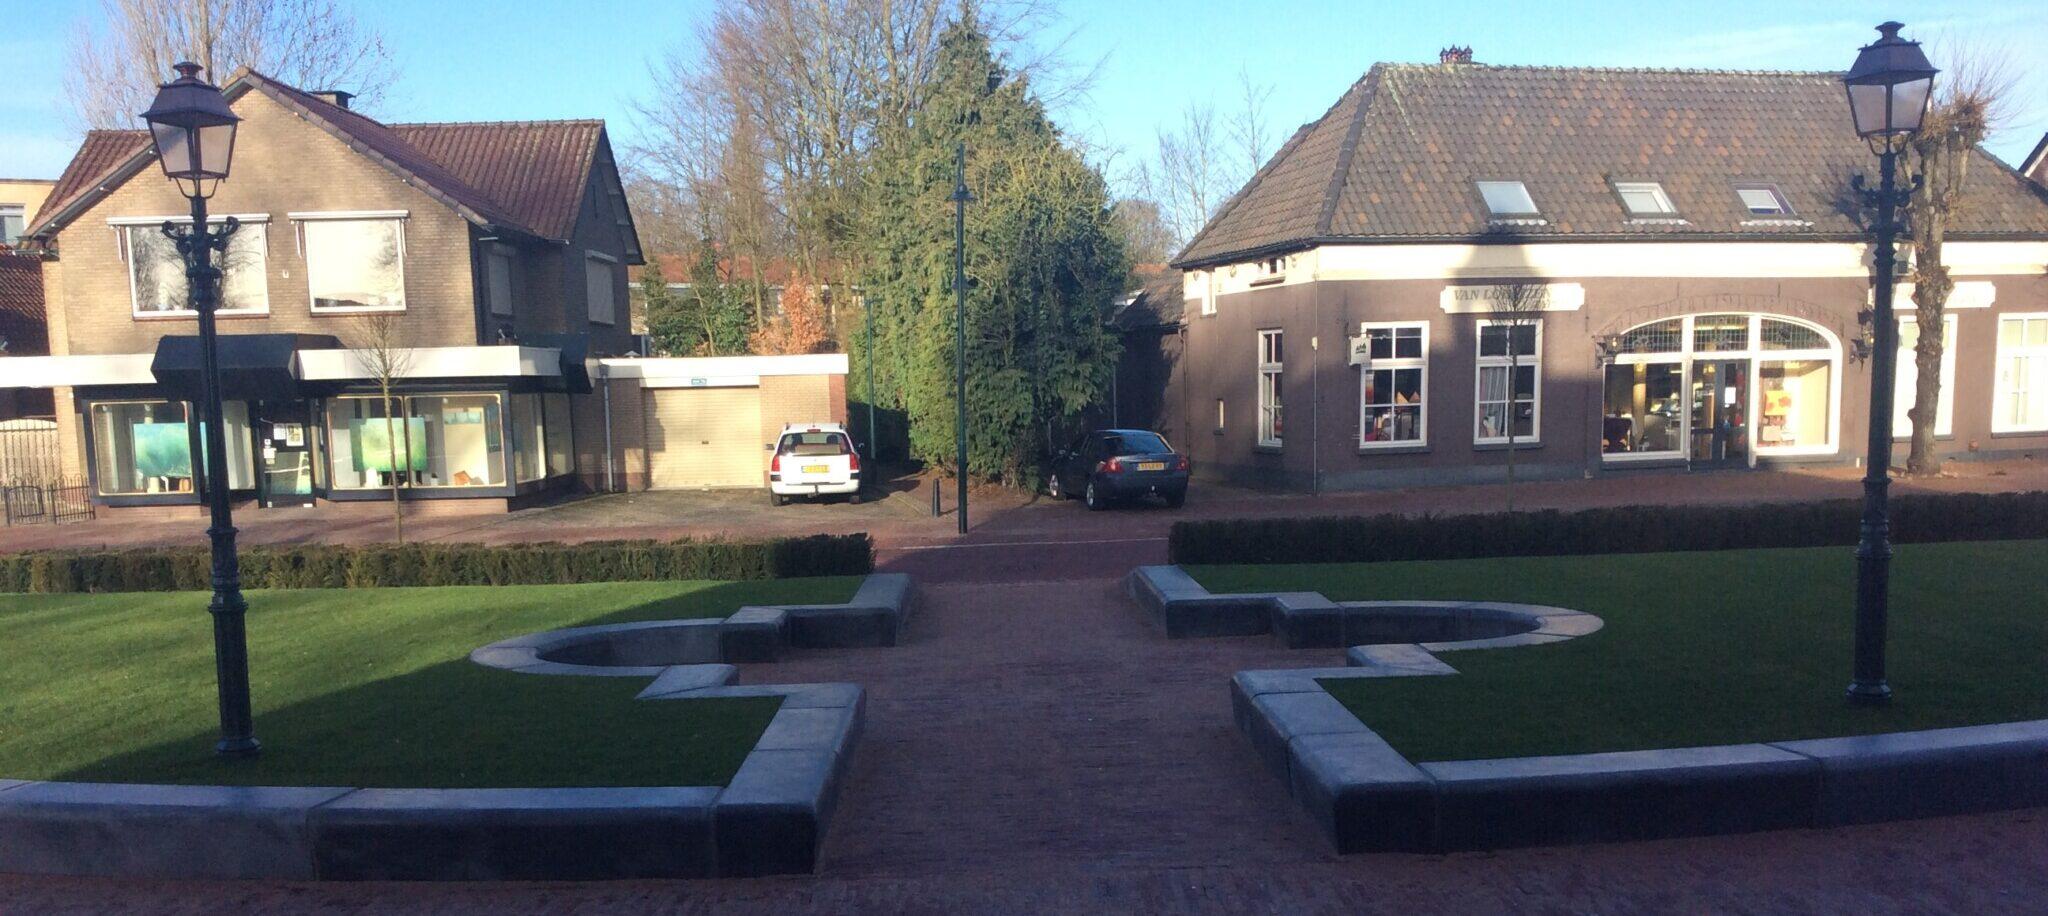 Swiebertjegevoel in Heerde